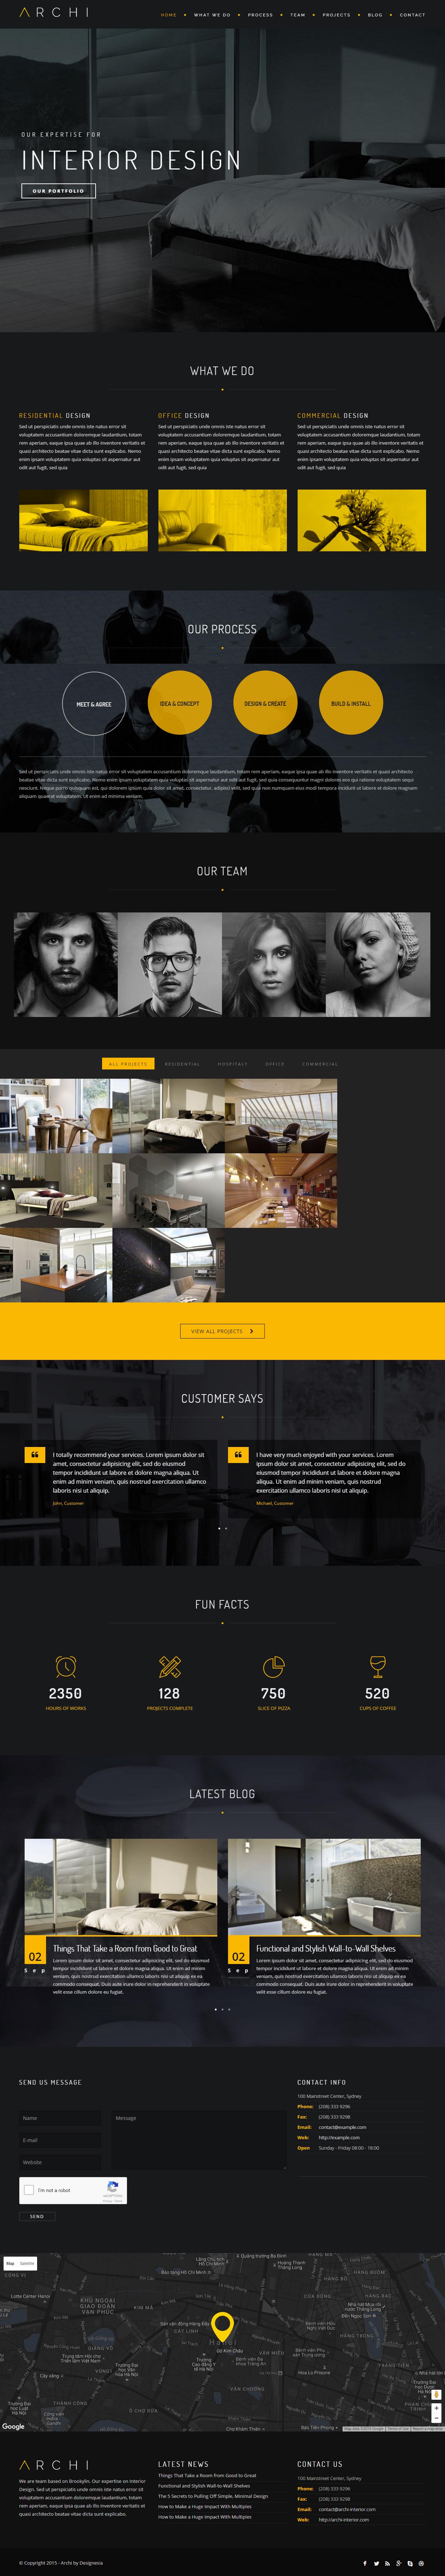 Archi Premium Responsive Interior Design Joomla Template